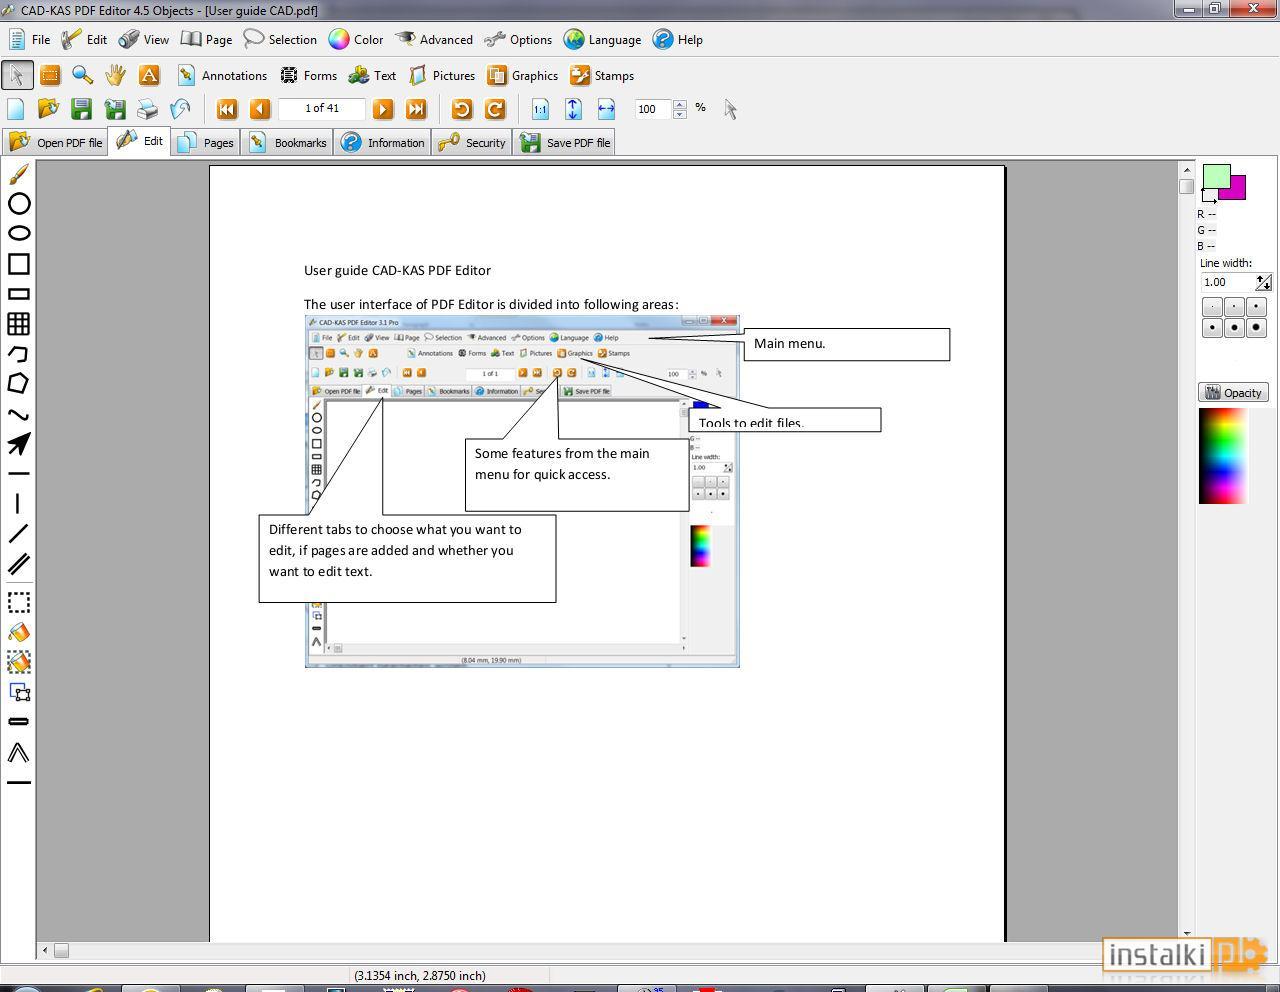 Programy do odczytywania PDF tworzenia PDF